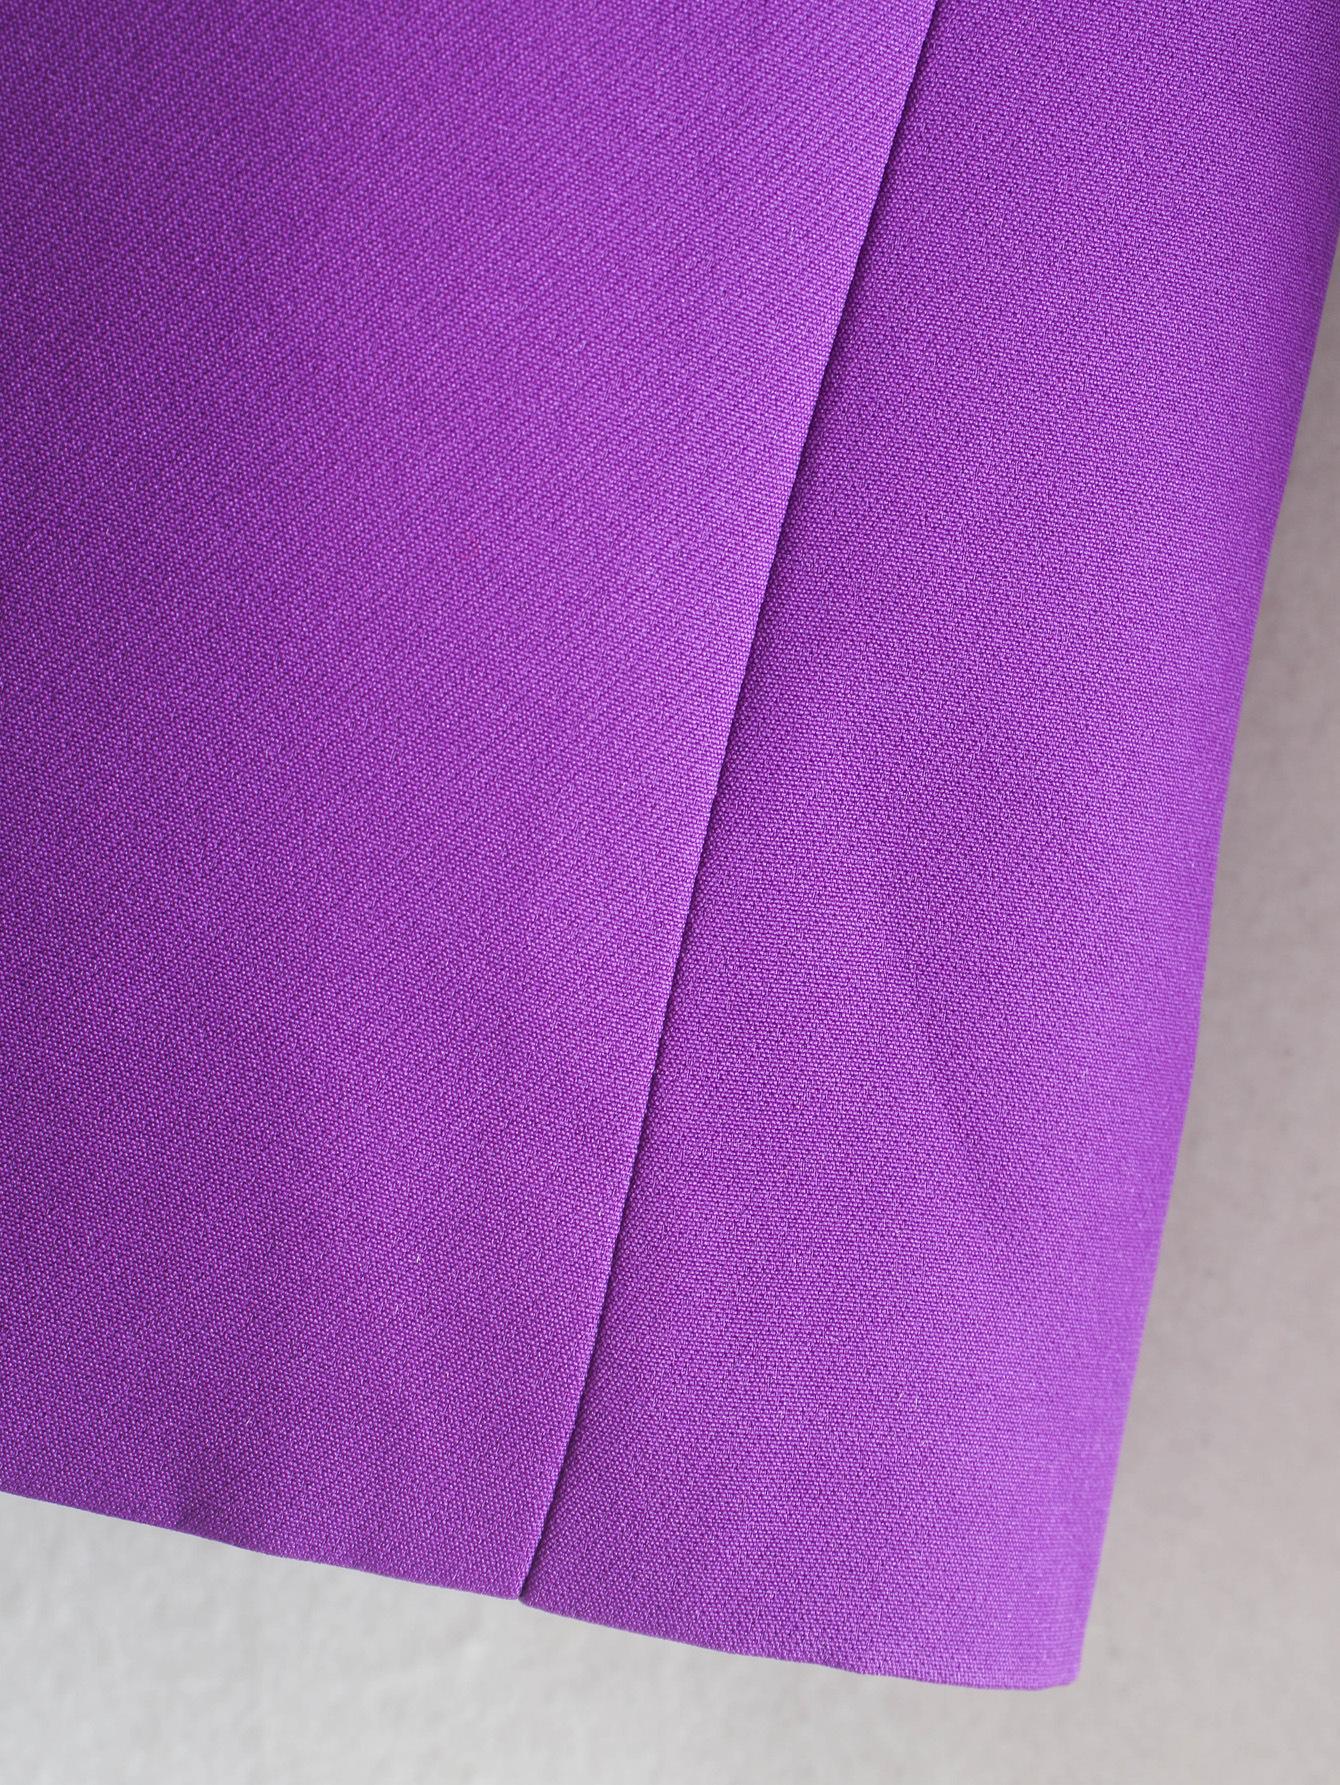 wholesale new women's simple lapel one button slim fit suit jacket NSAM3102